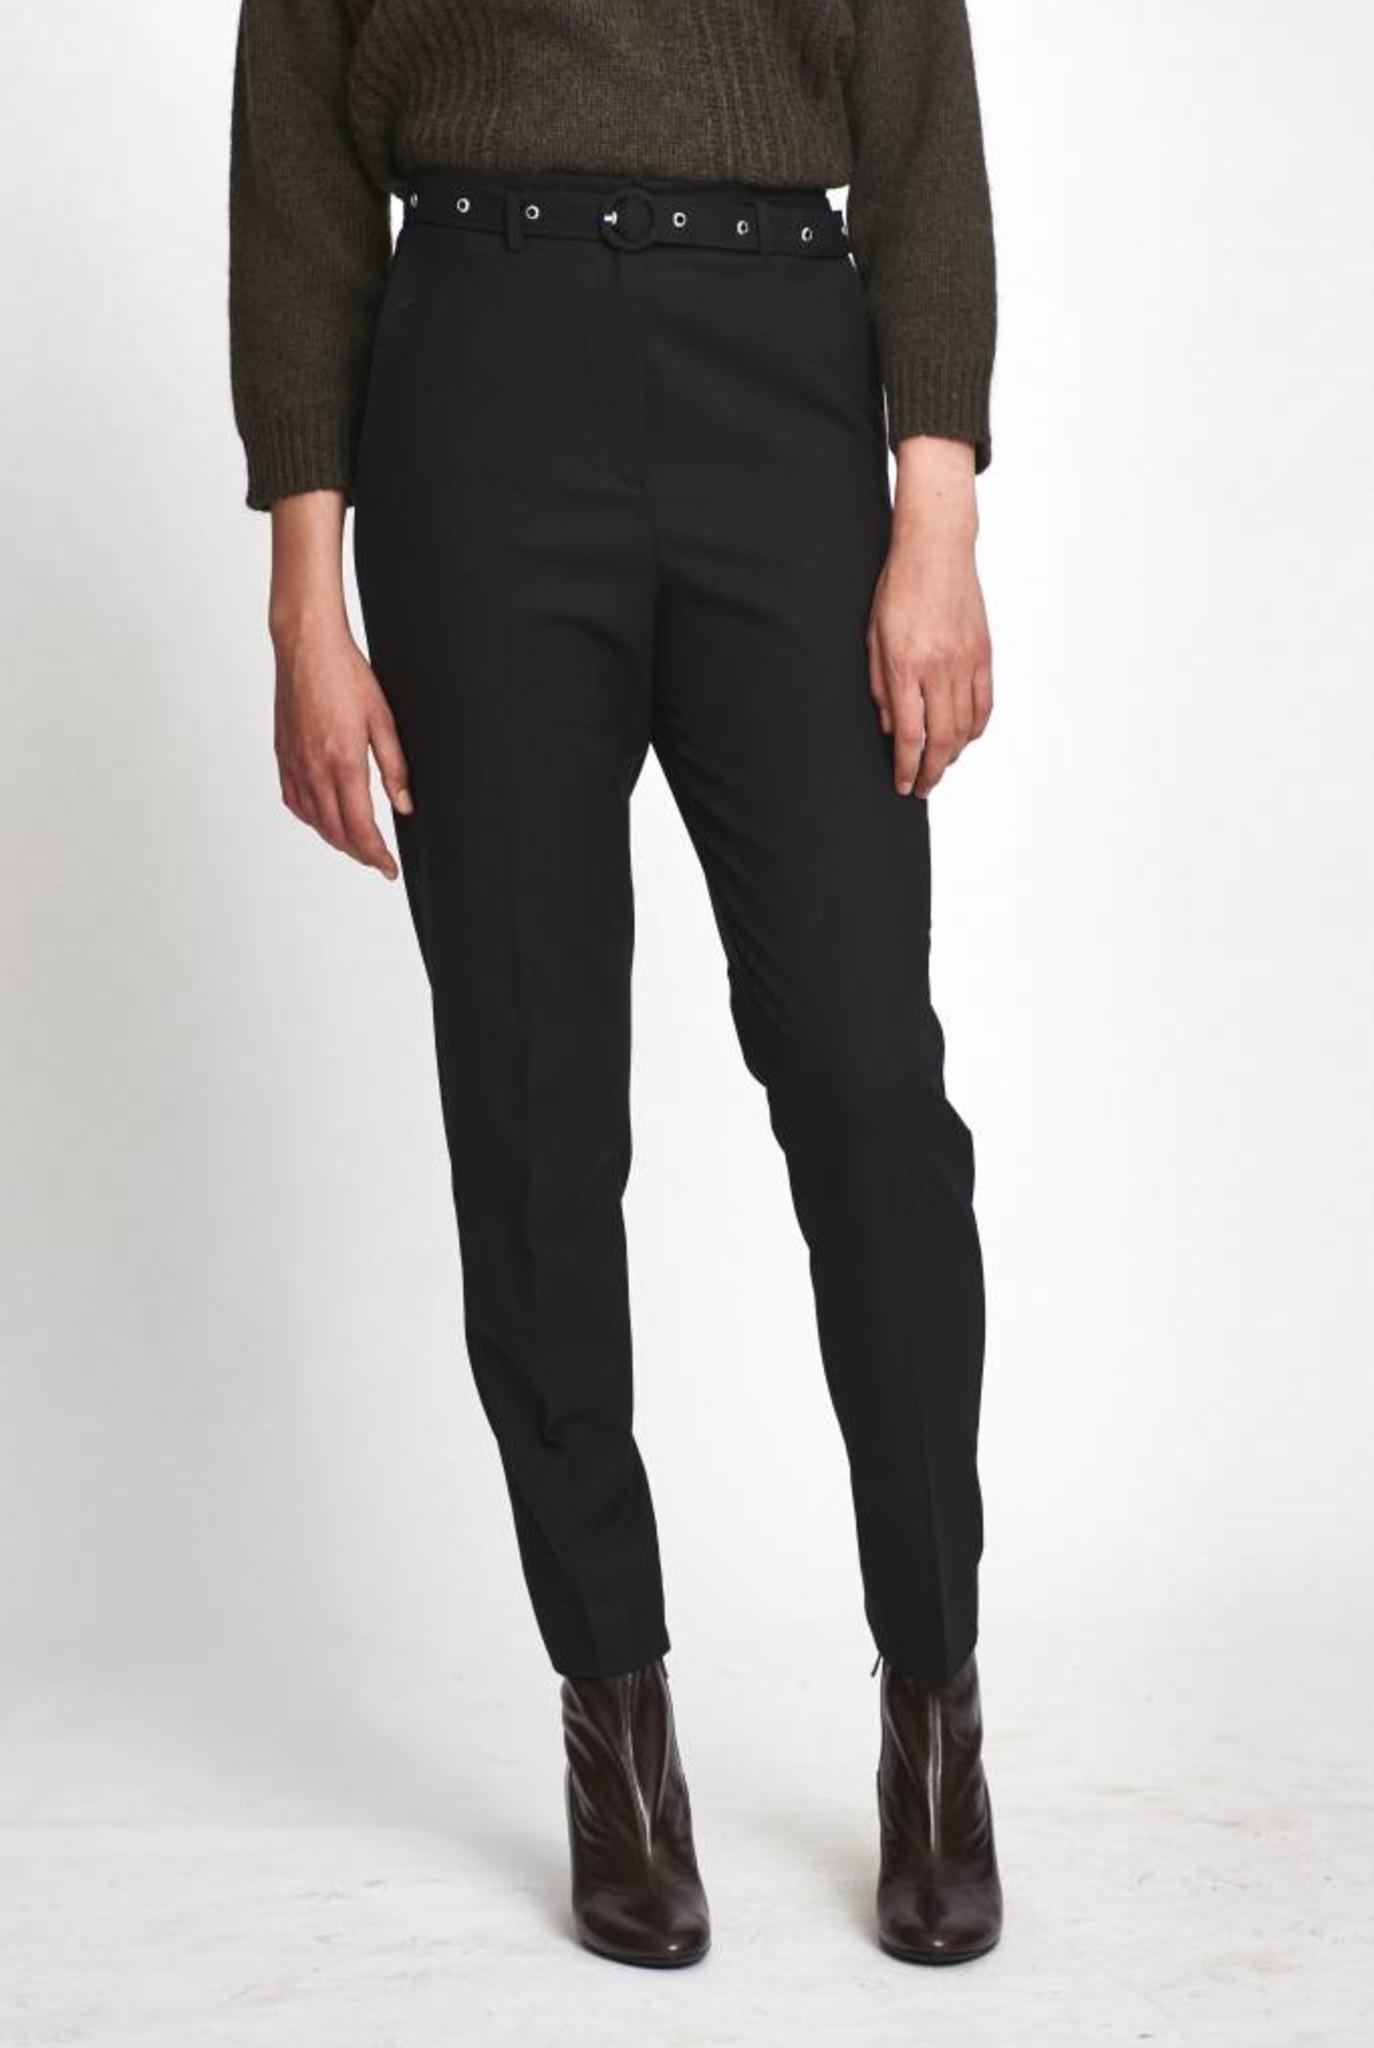 Johnny pantalon in black